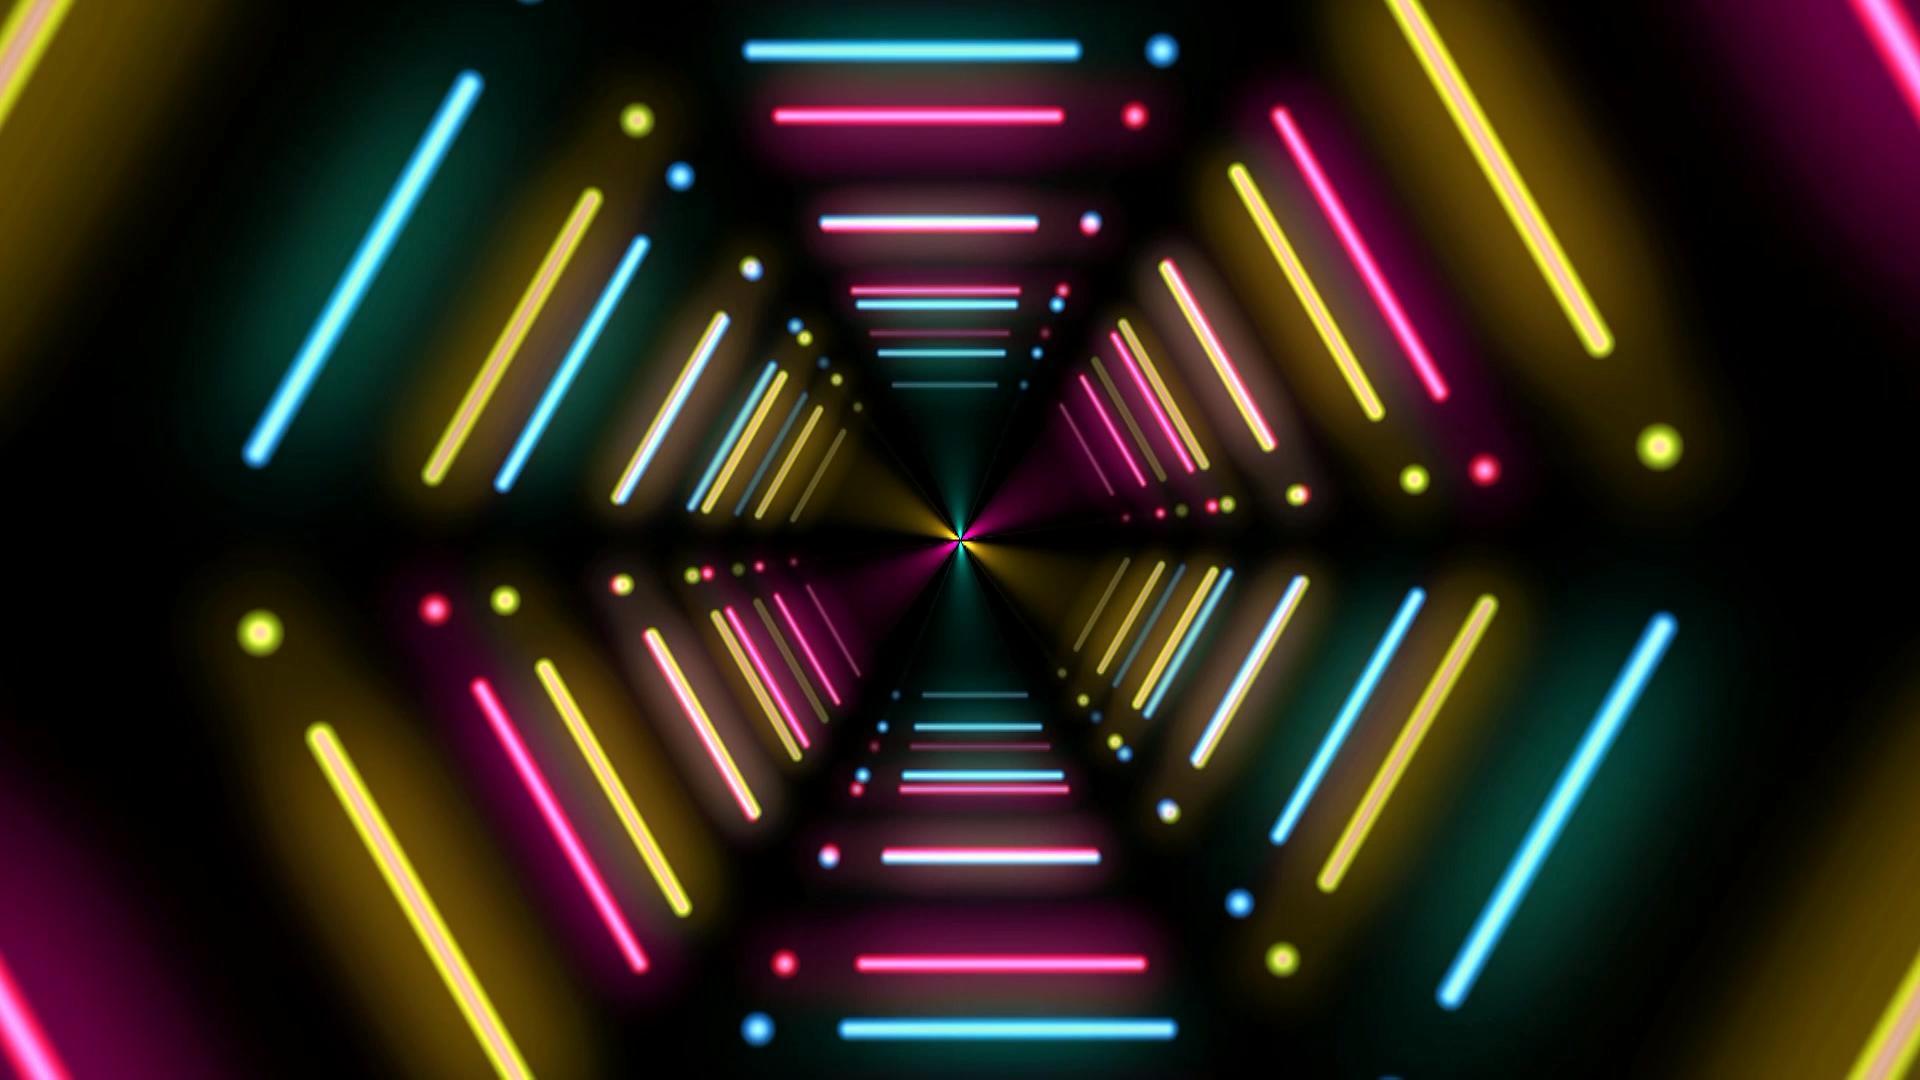 酷炫霓虹灯隧道素材